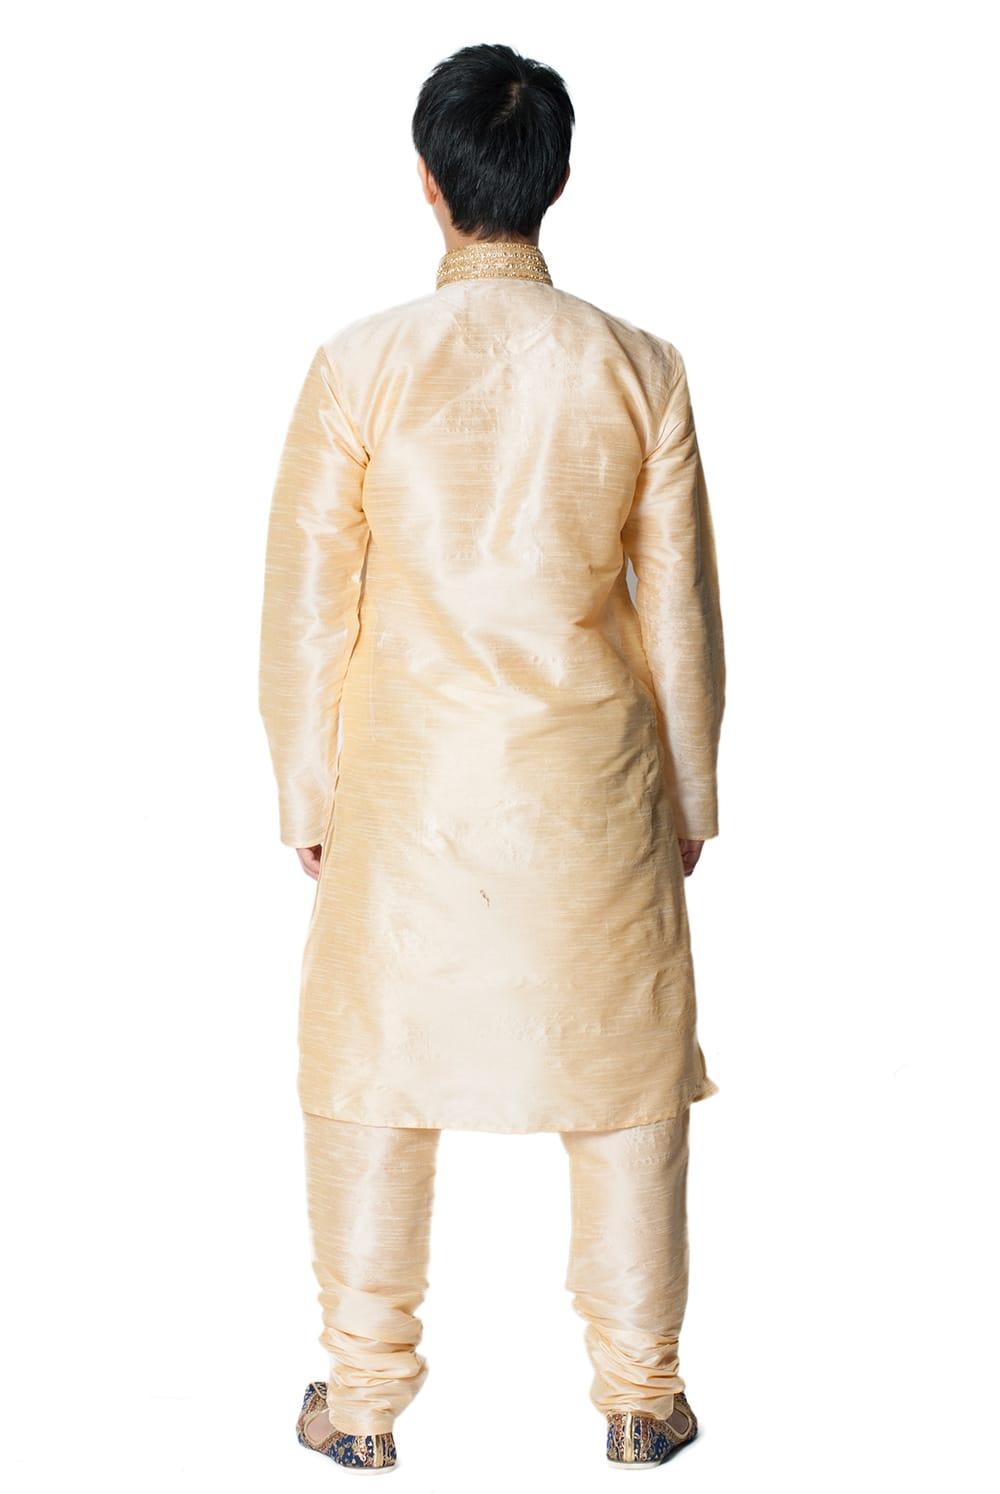 クルタ・パジャマ - ゴールデンホワイト【光沢生地ゴージャス】 3 - 背面からみてみました。なんとなくスラッとスタイルがよく見えるかも?!